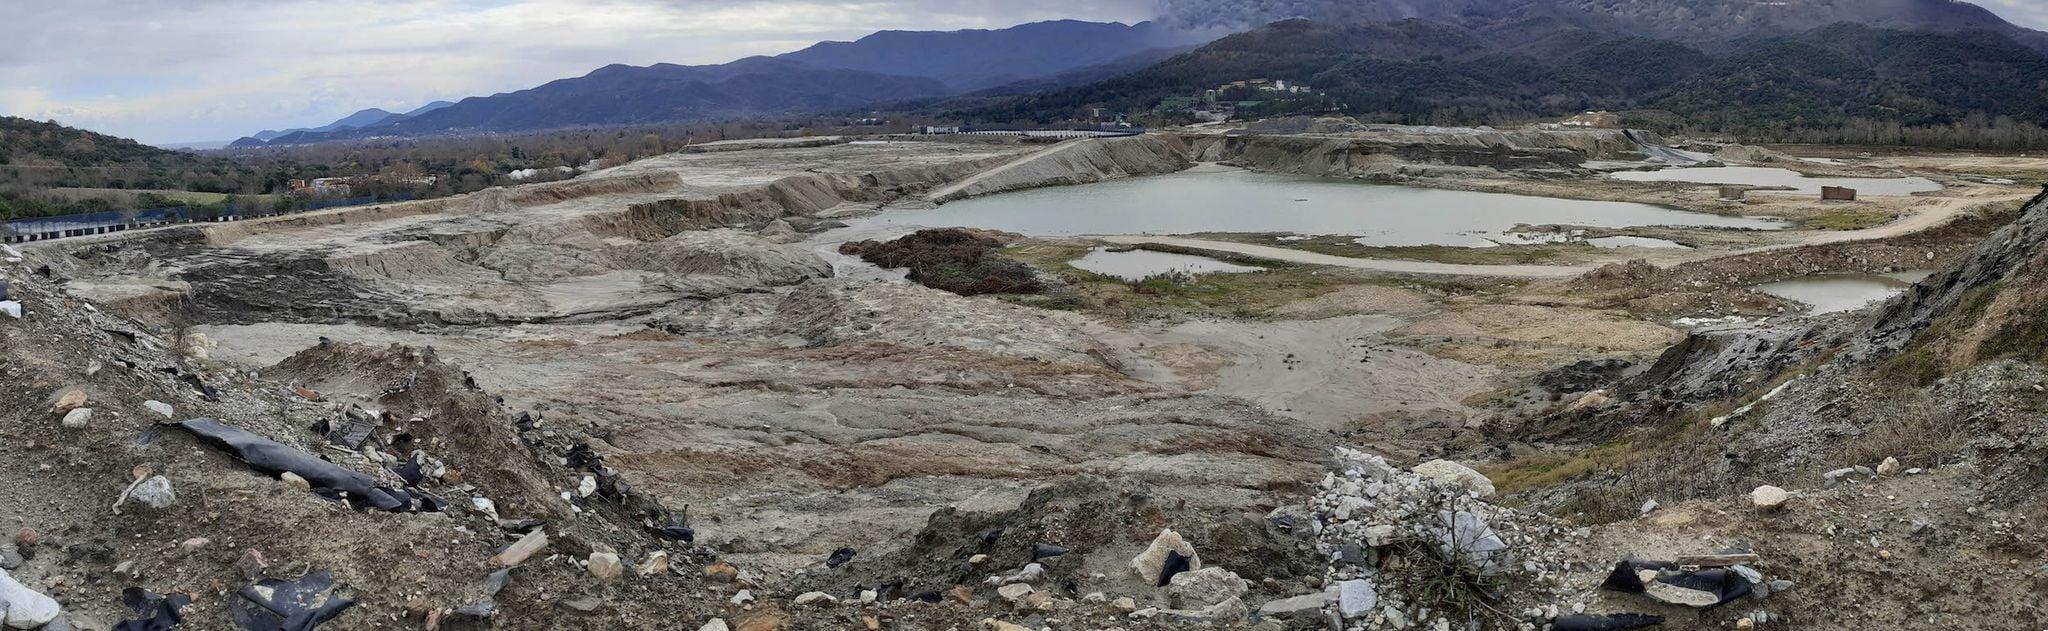 Η υποκρίσια της Ελληνικός Χρυσός περί απομάκρυνσης των παλαιών τελμάτων της Ολυμπιάδας